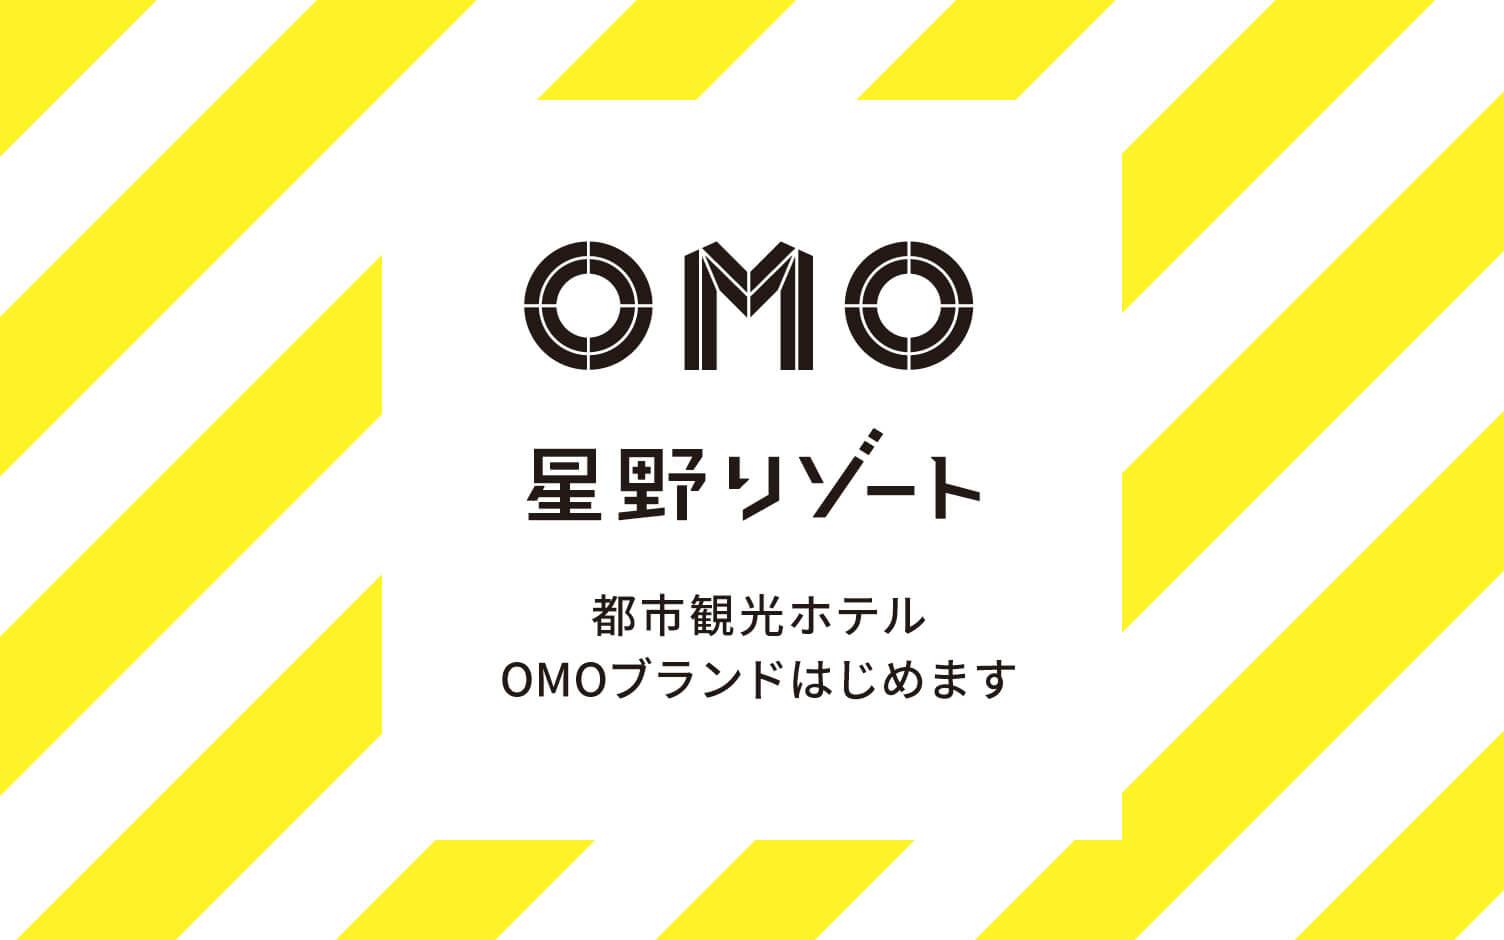 都市観光ホテル「OMO」ブランド誕生